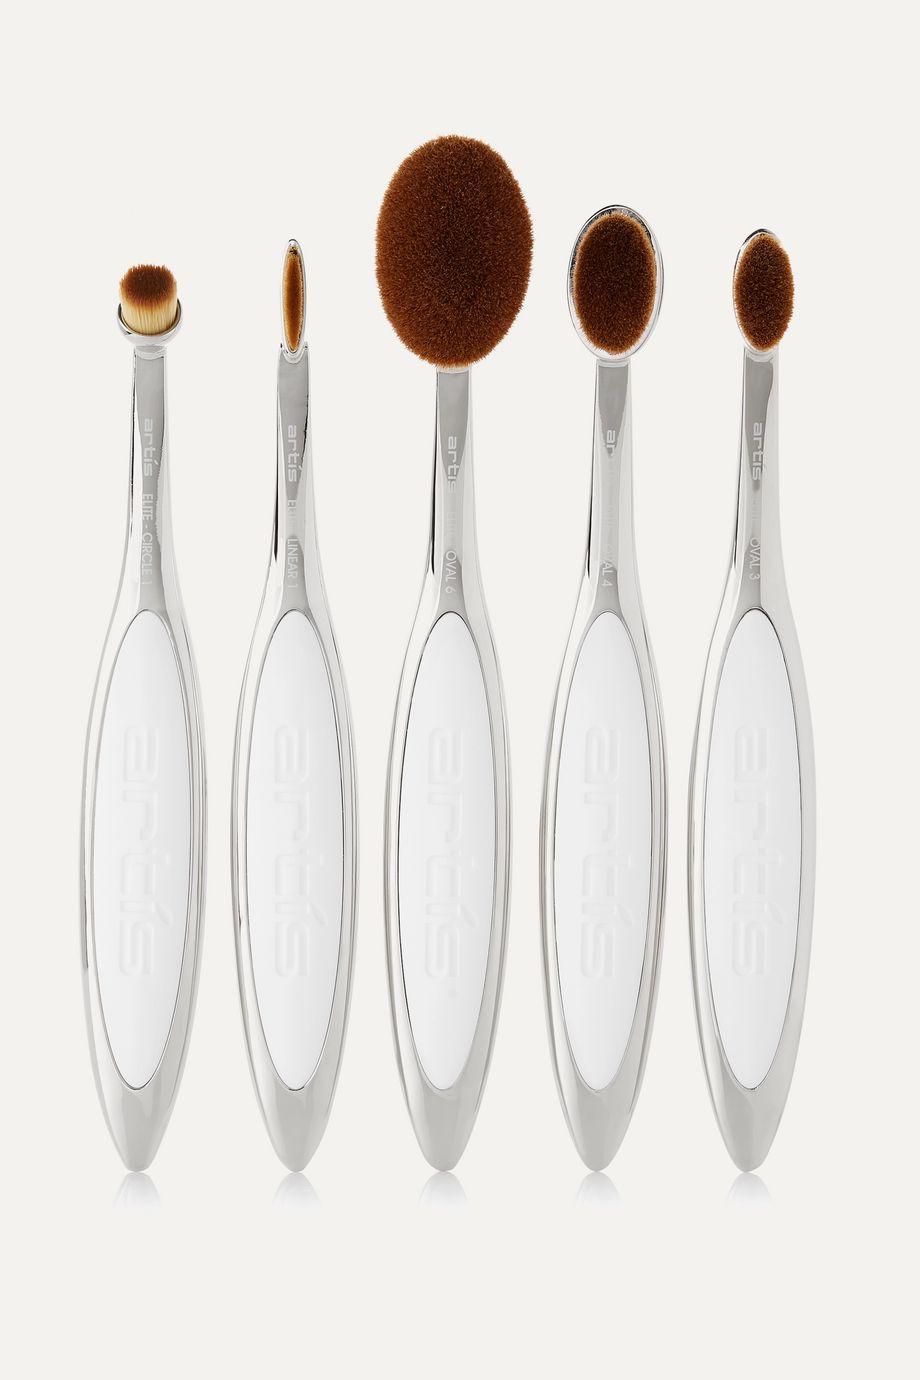 Artis Brush Next Generation Elite Mirror 5 Brush Set